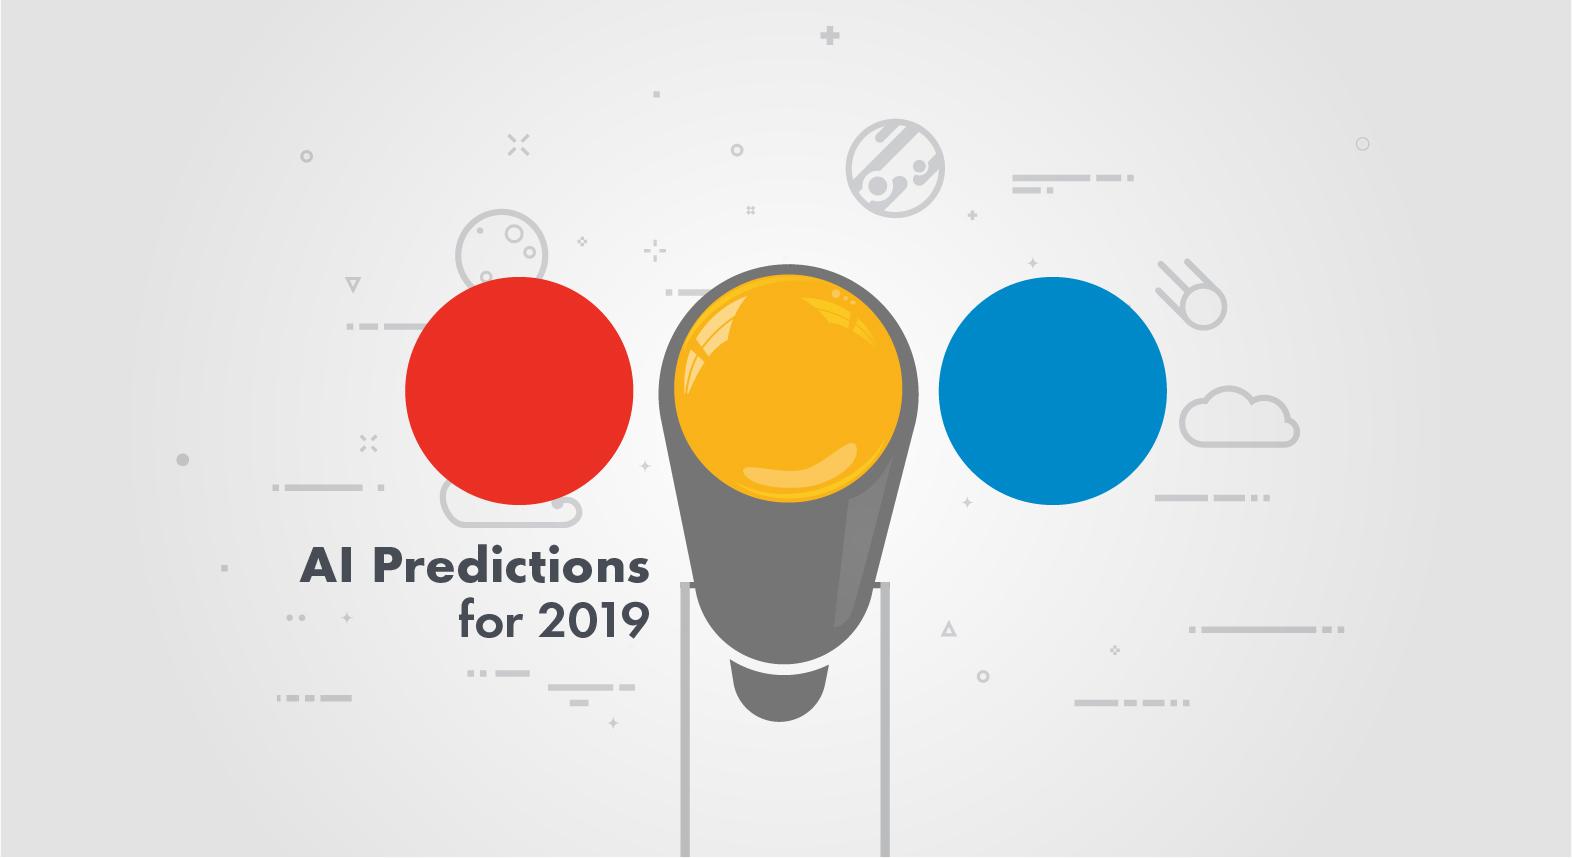 AI Predictions For 2019